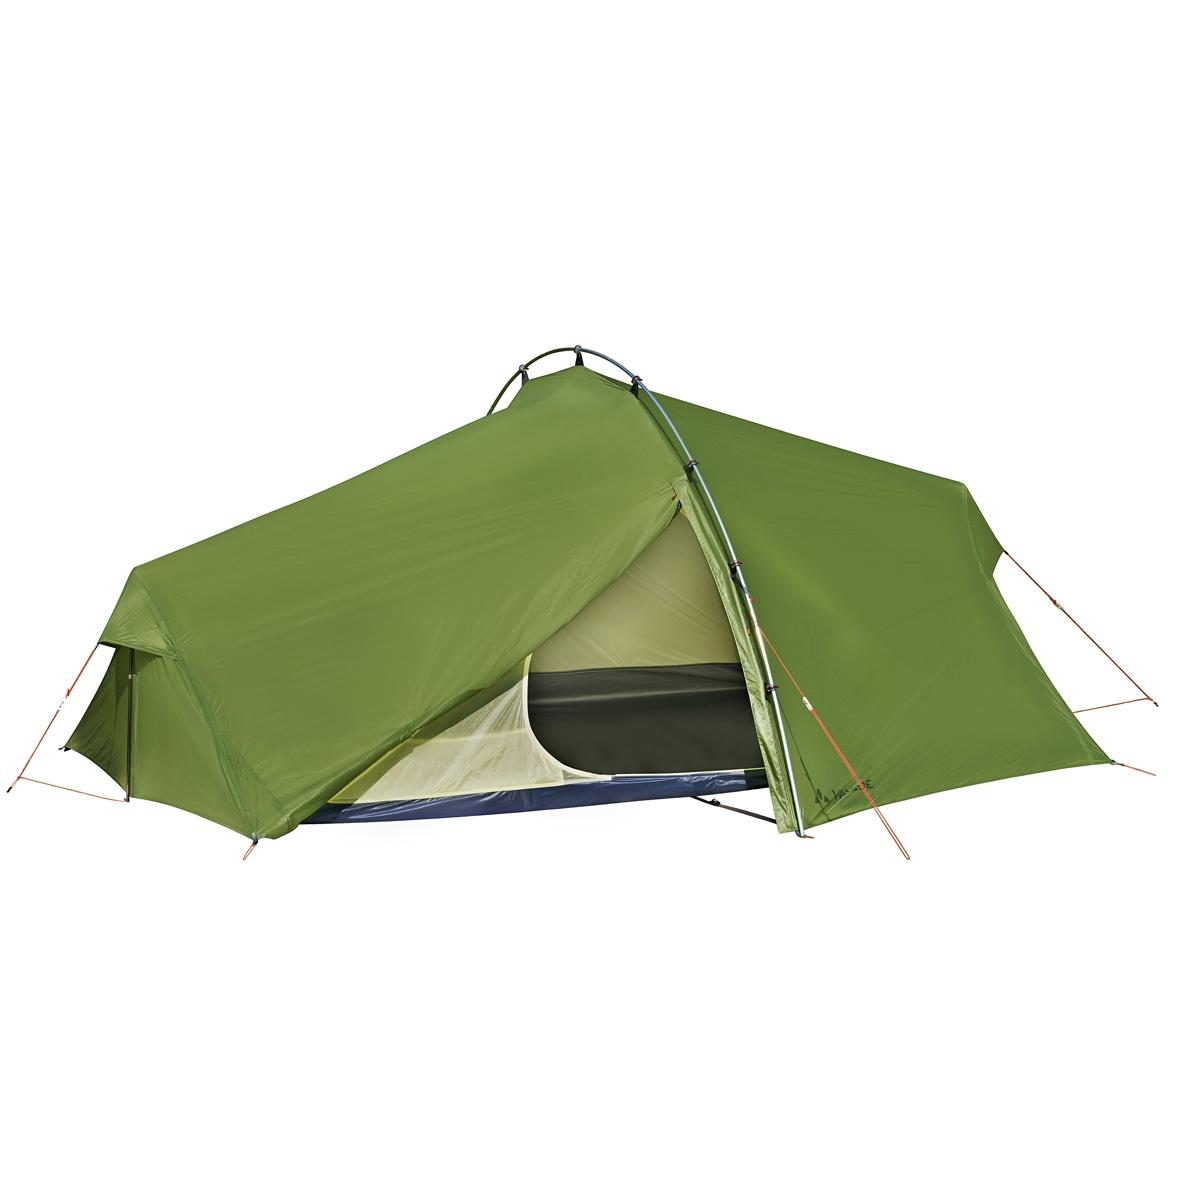 Image of Vaude Power Lizard SUL 2-3P Tent - Green  sc 1 st  Uttings & Vaude Power Lizard SUL 2-3P Tent - Green | Uttings.co.uk